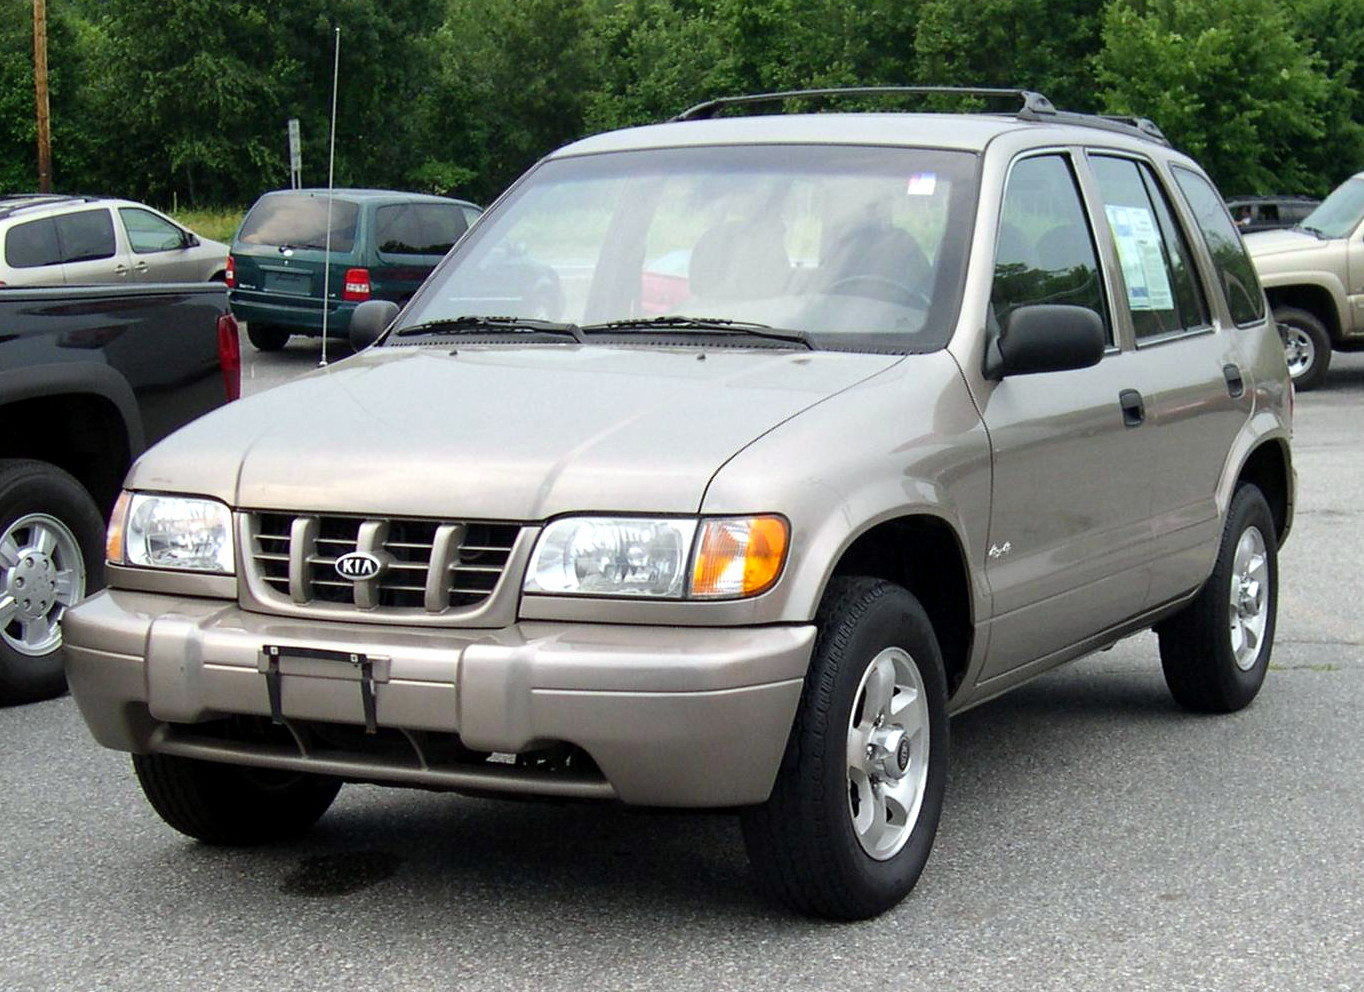 2000 kia sportage ex 4dr suv 2 0l 4x4 manual rh carspecs us 2000 kia sportage manual locking hubs 2000 kia sportage manual transmissions